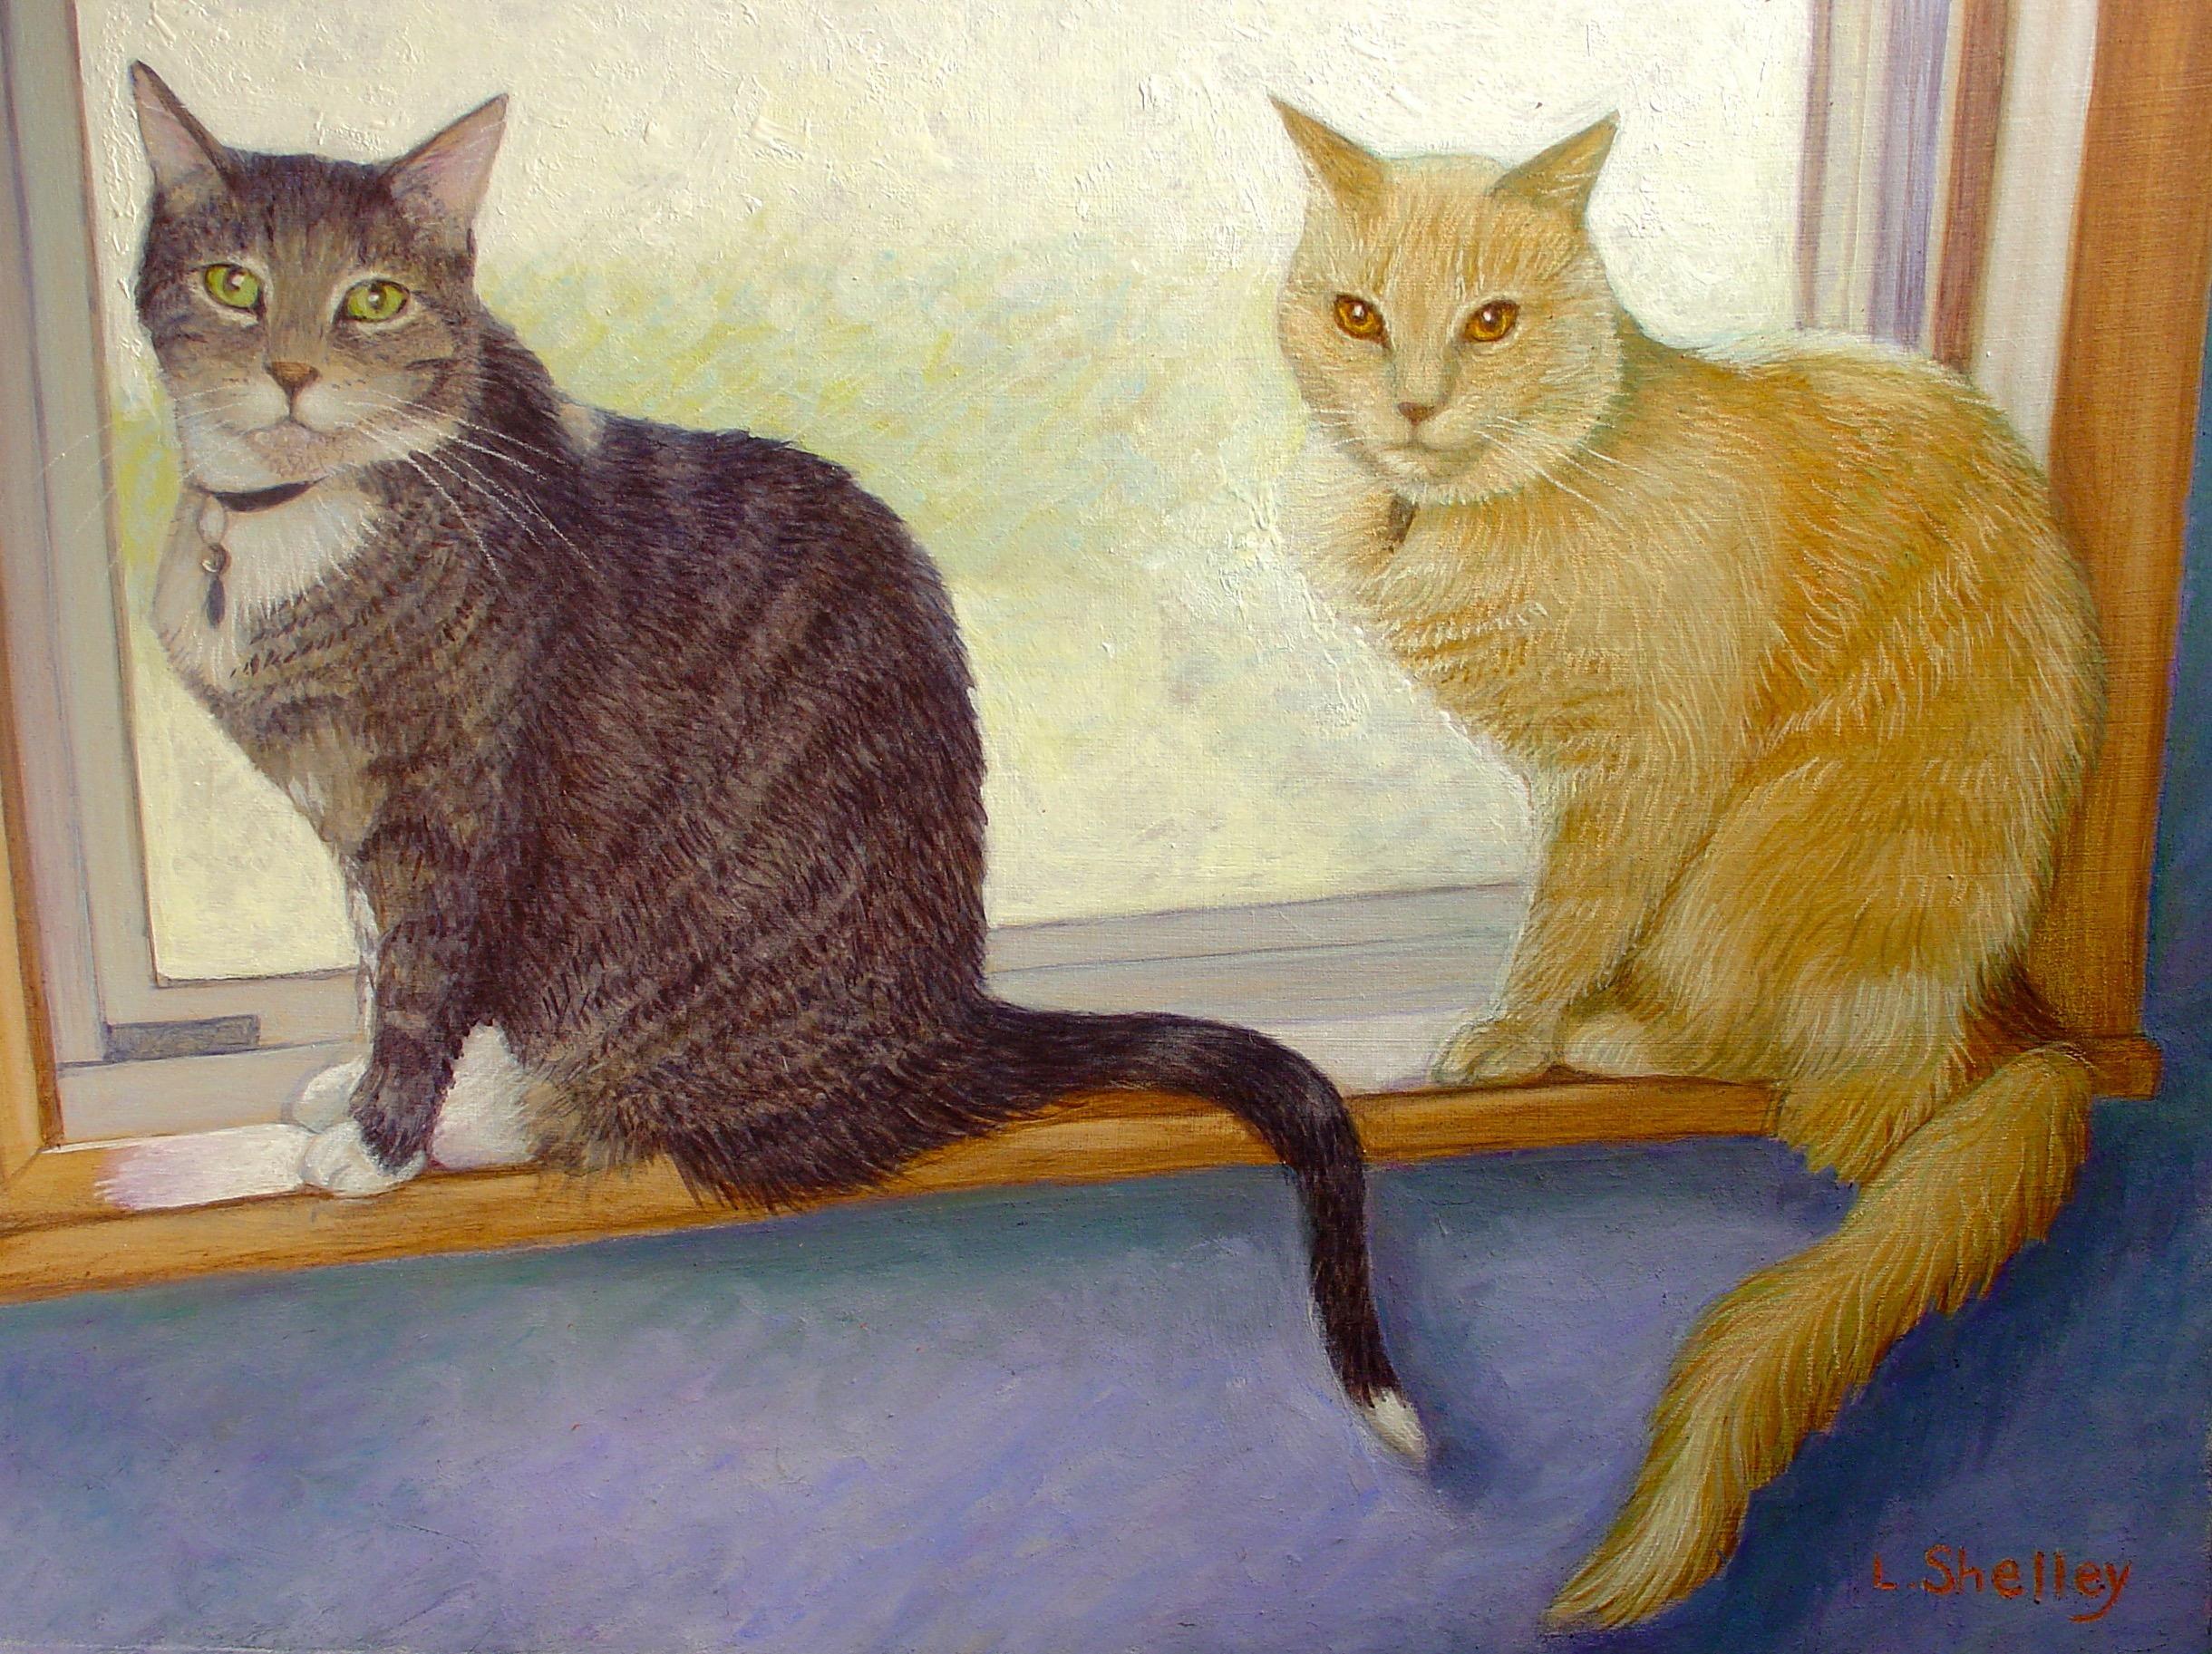 Mischa and Mia